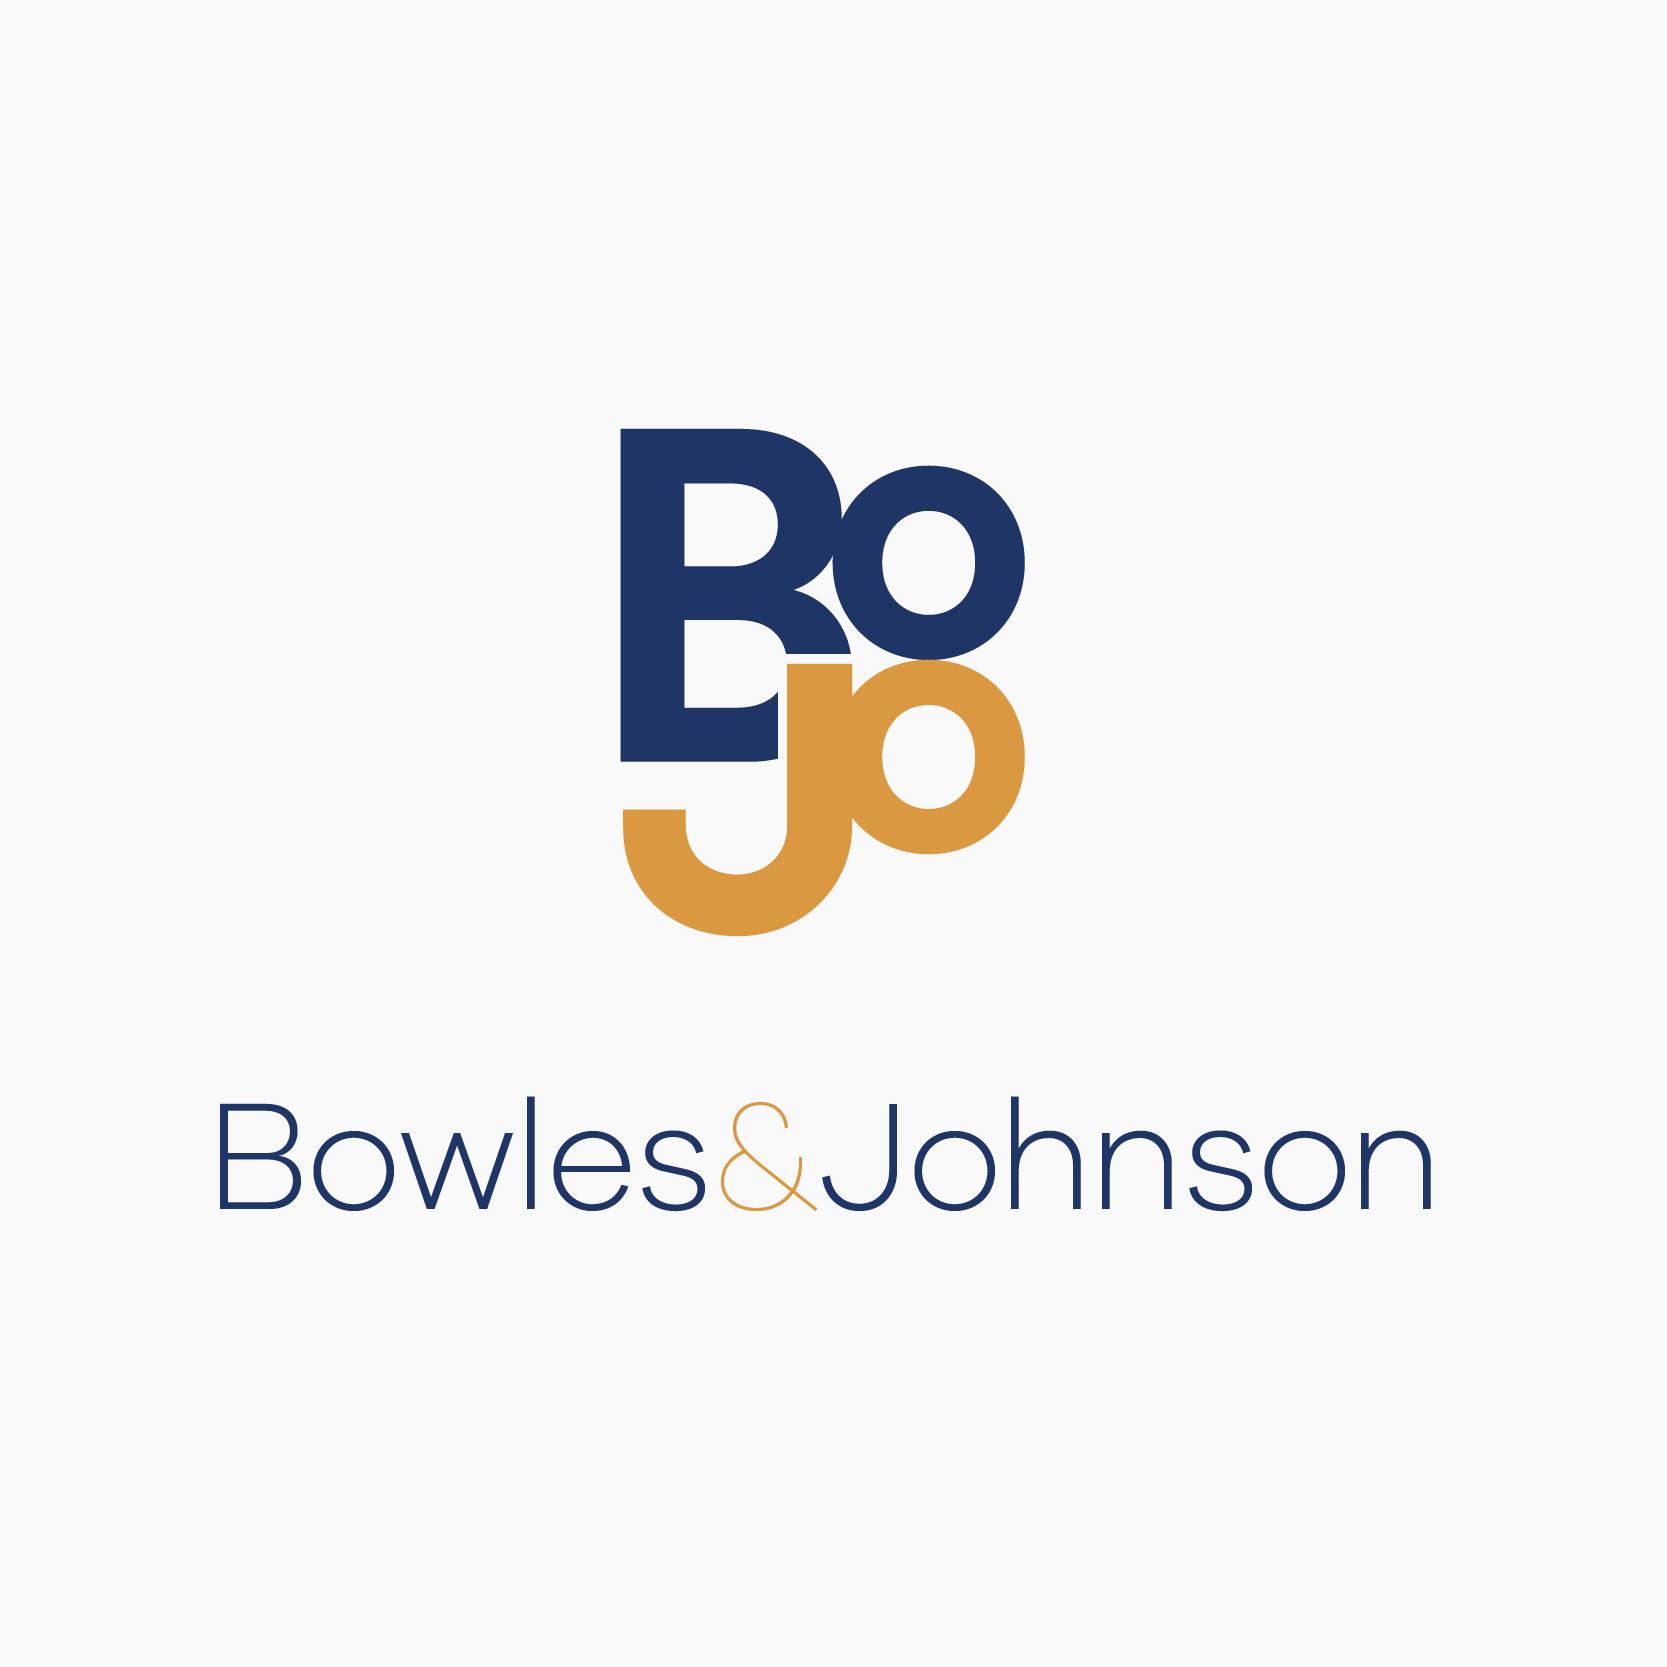 BoJo / Bowles & Johnson